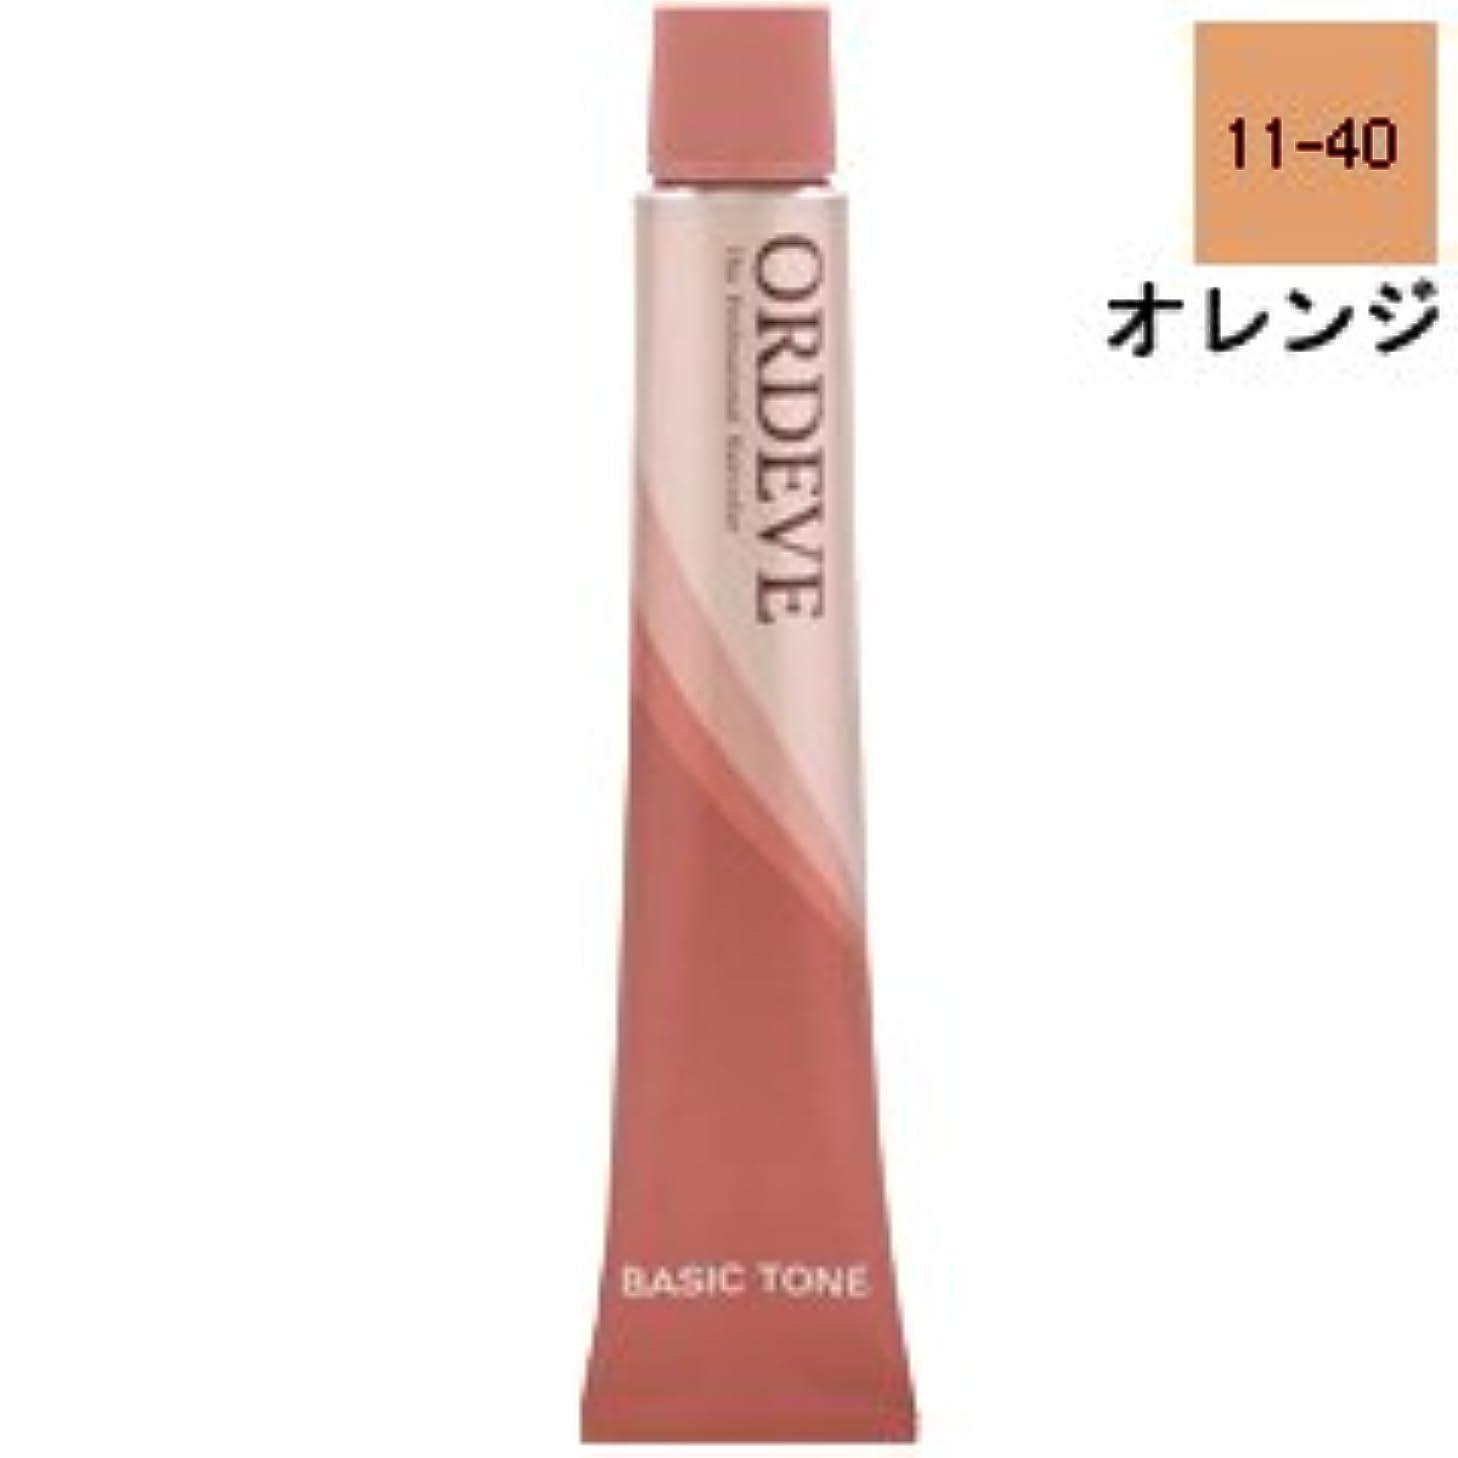 に慣れキャンバスお嬢【ミルボン】オルディーブ ベーシックトーン #11-40 オレンジ 80g